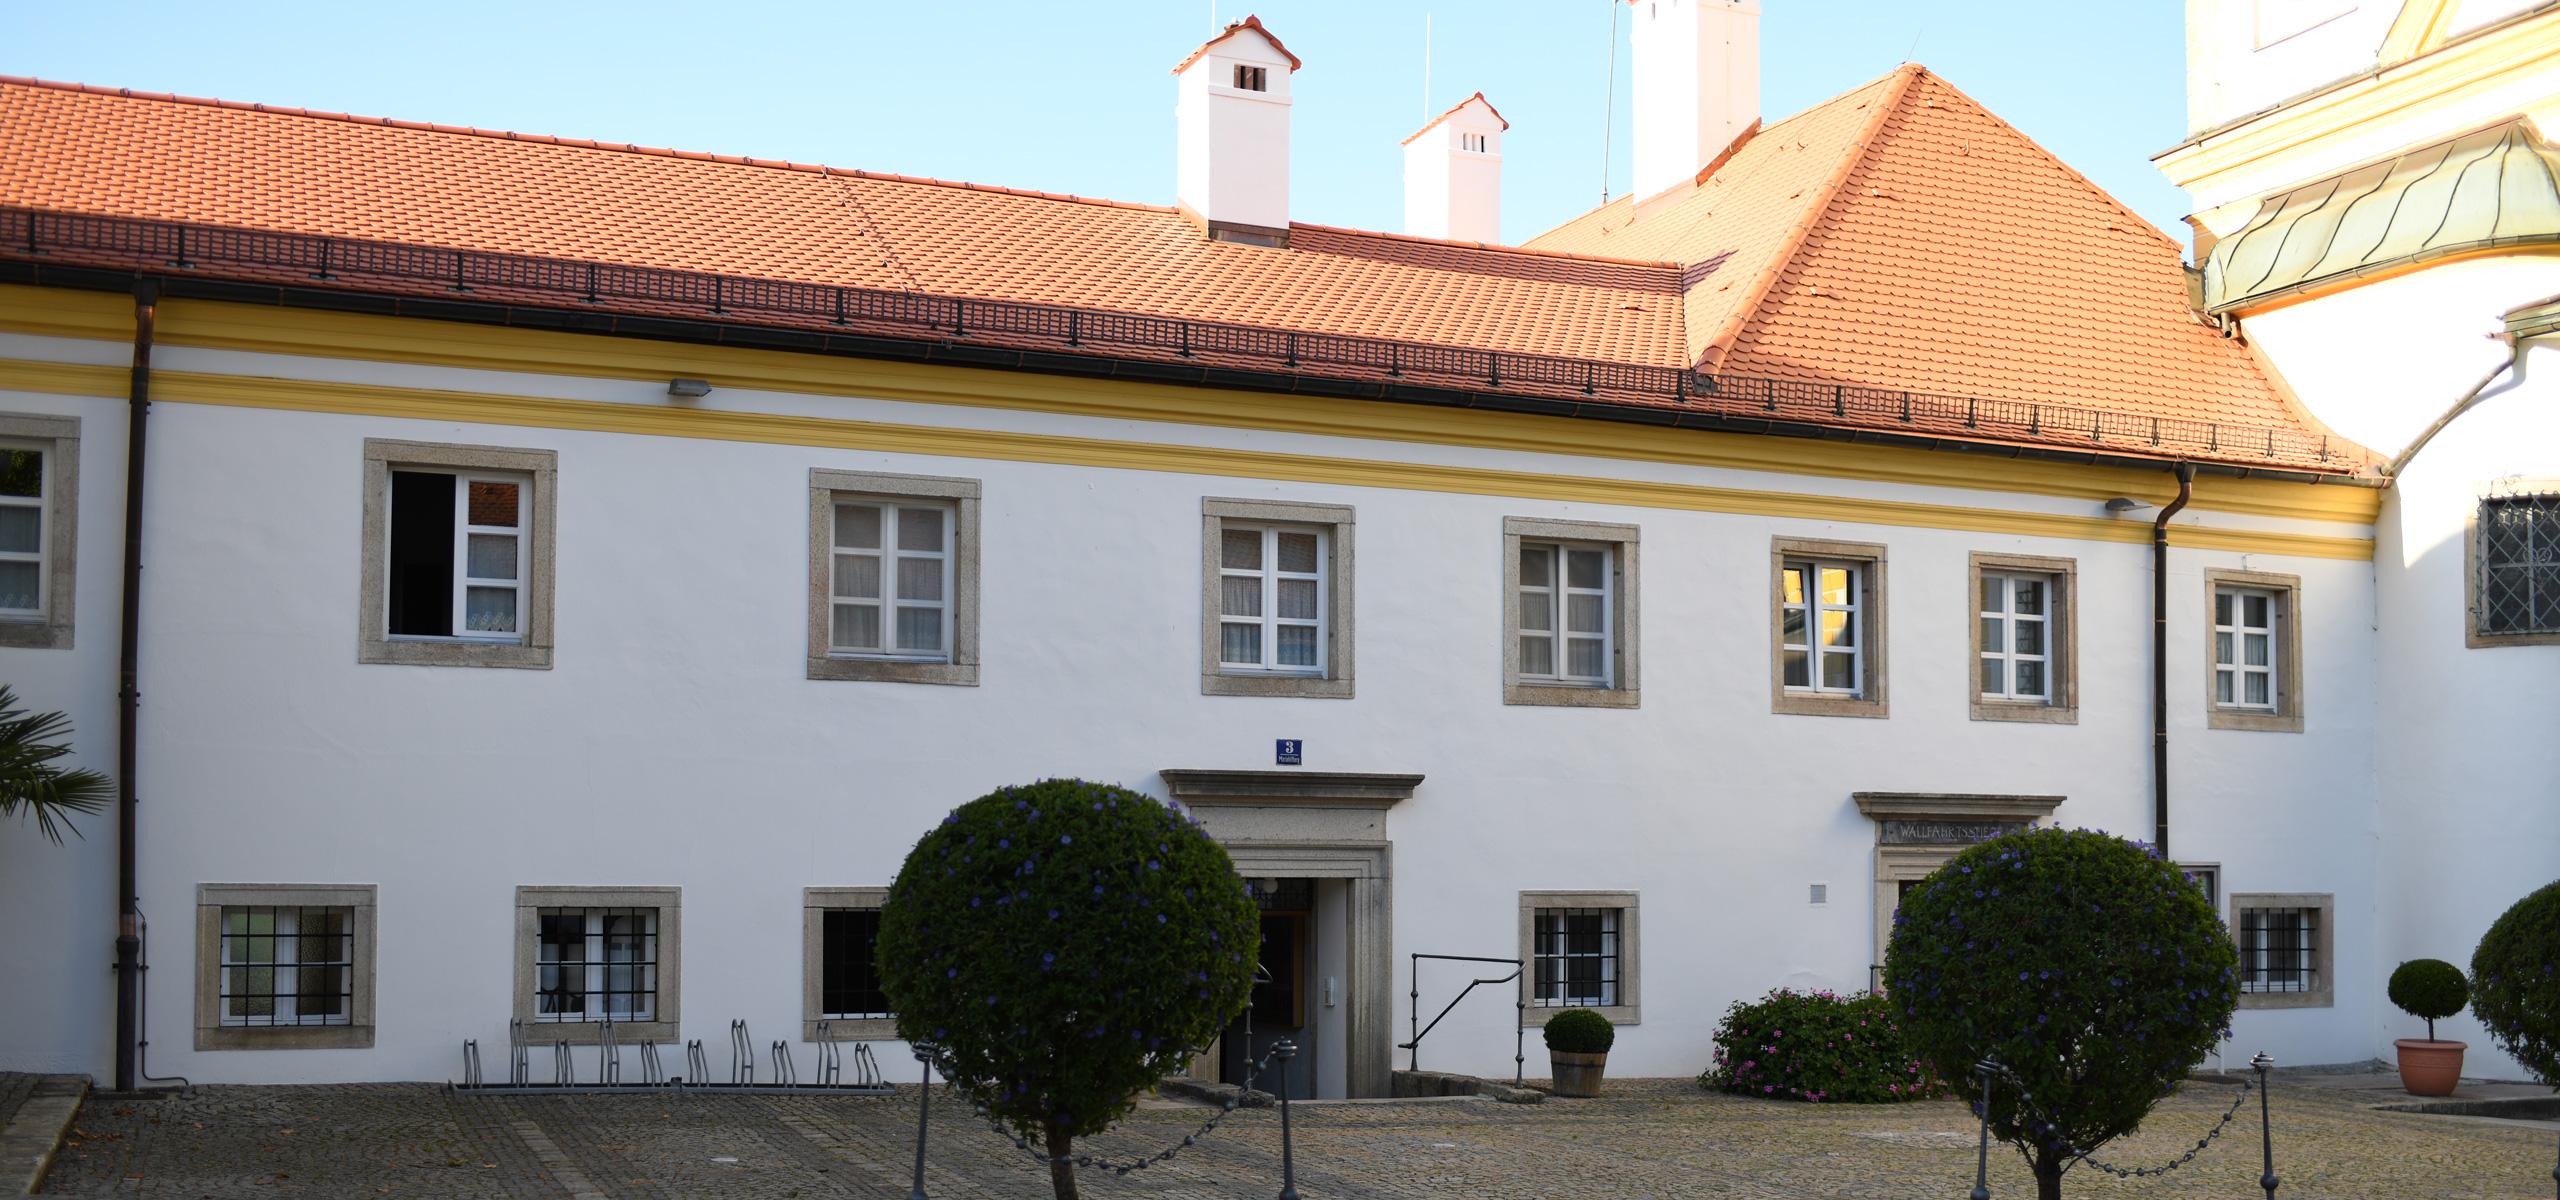 Instandsetzung Dachstuhl und Fassade Wohngebäude